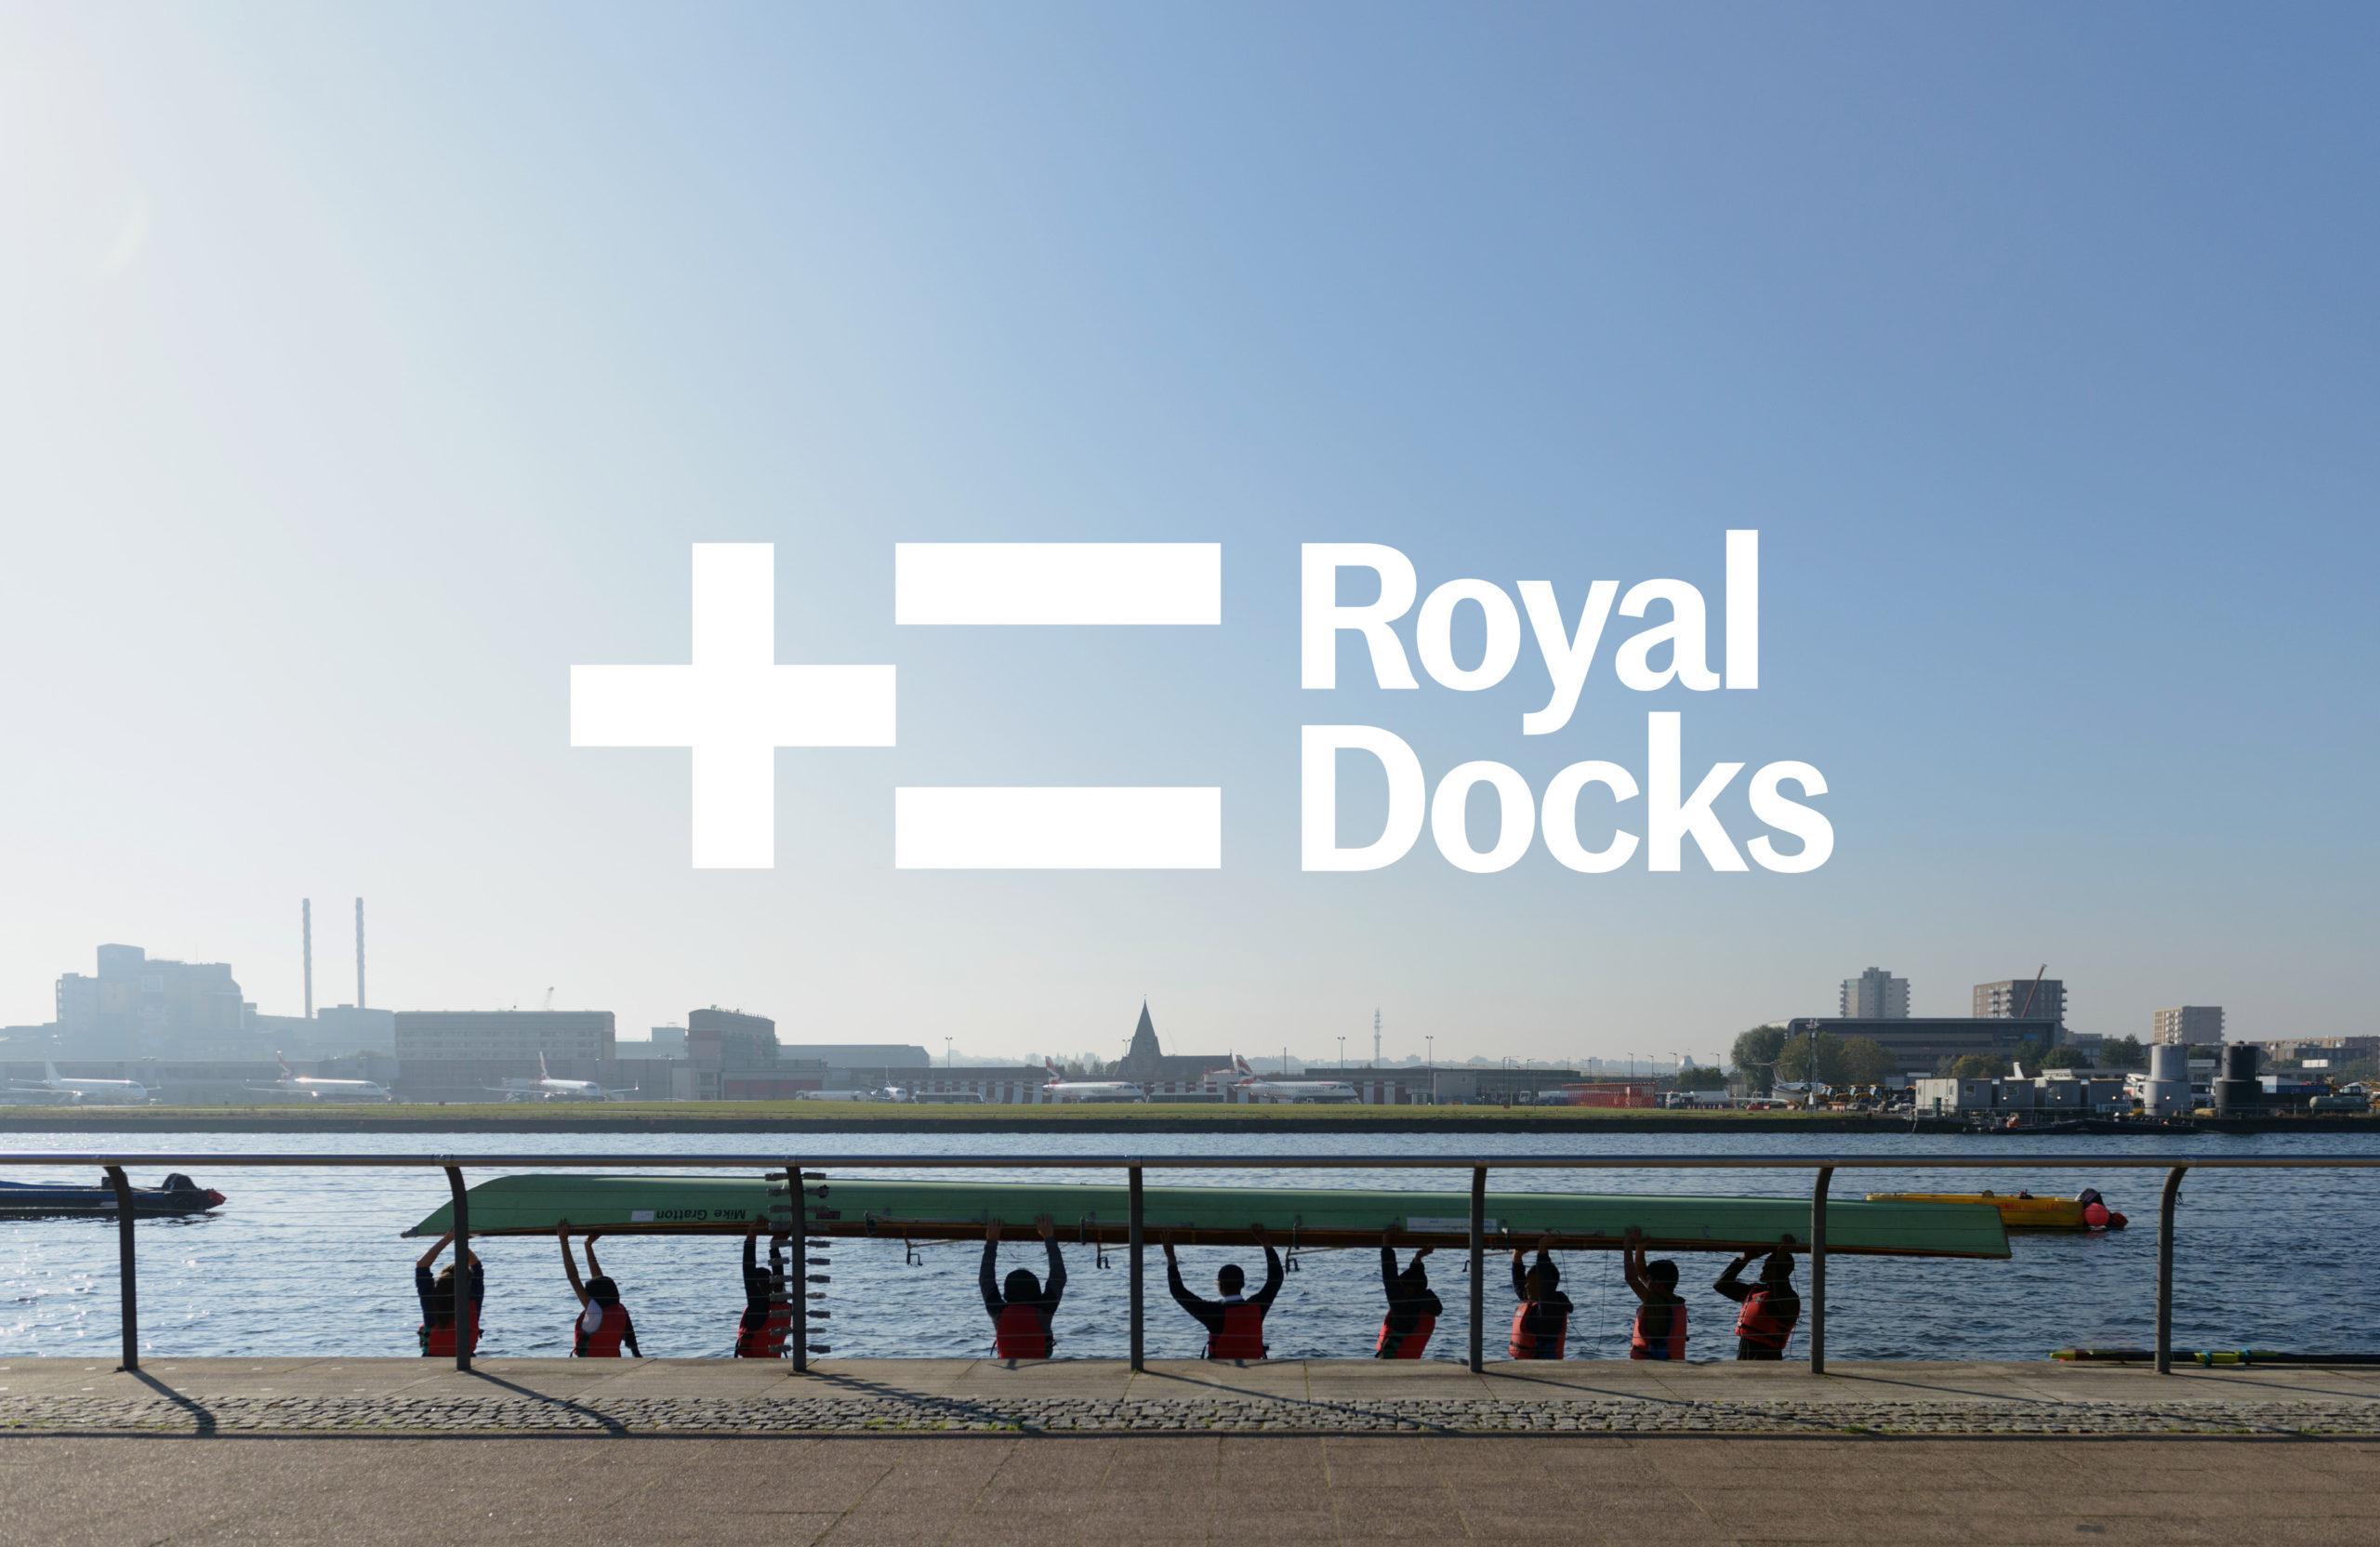 皇家码头视觉形象升级重塑